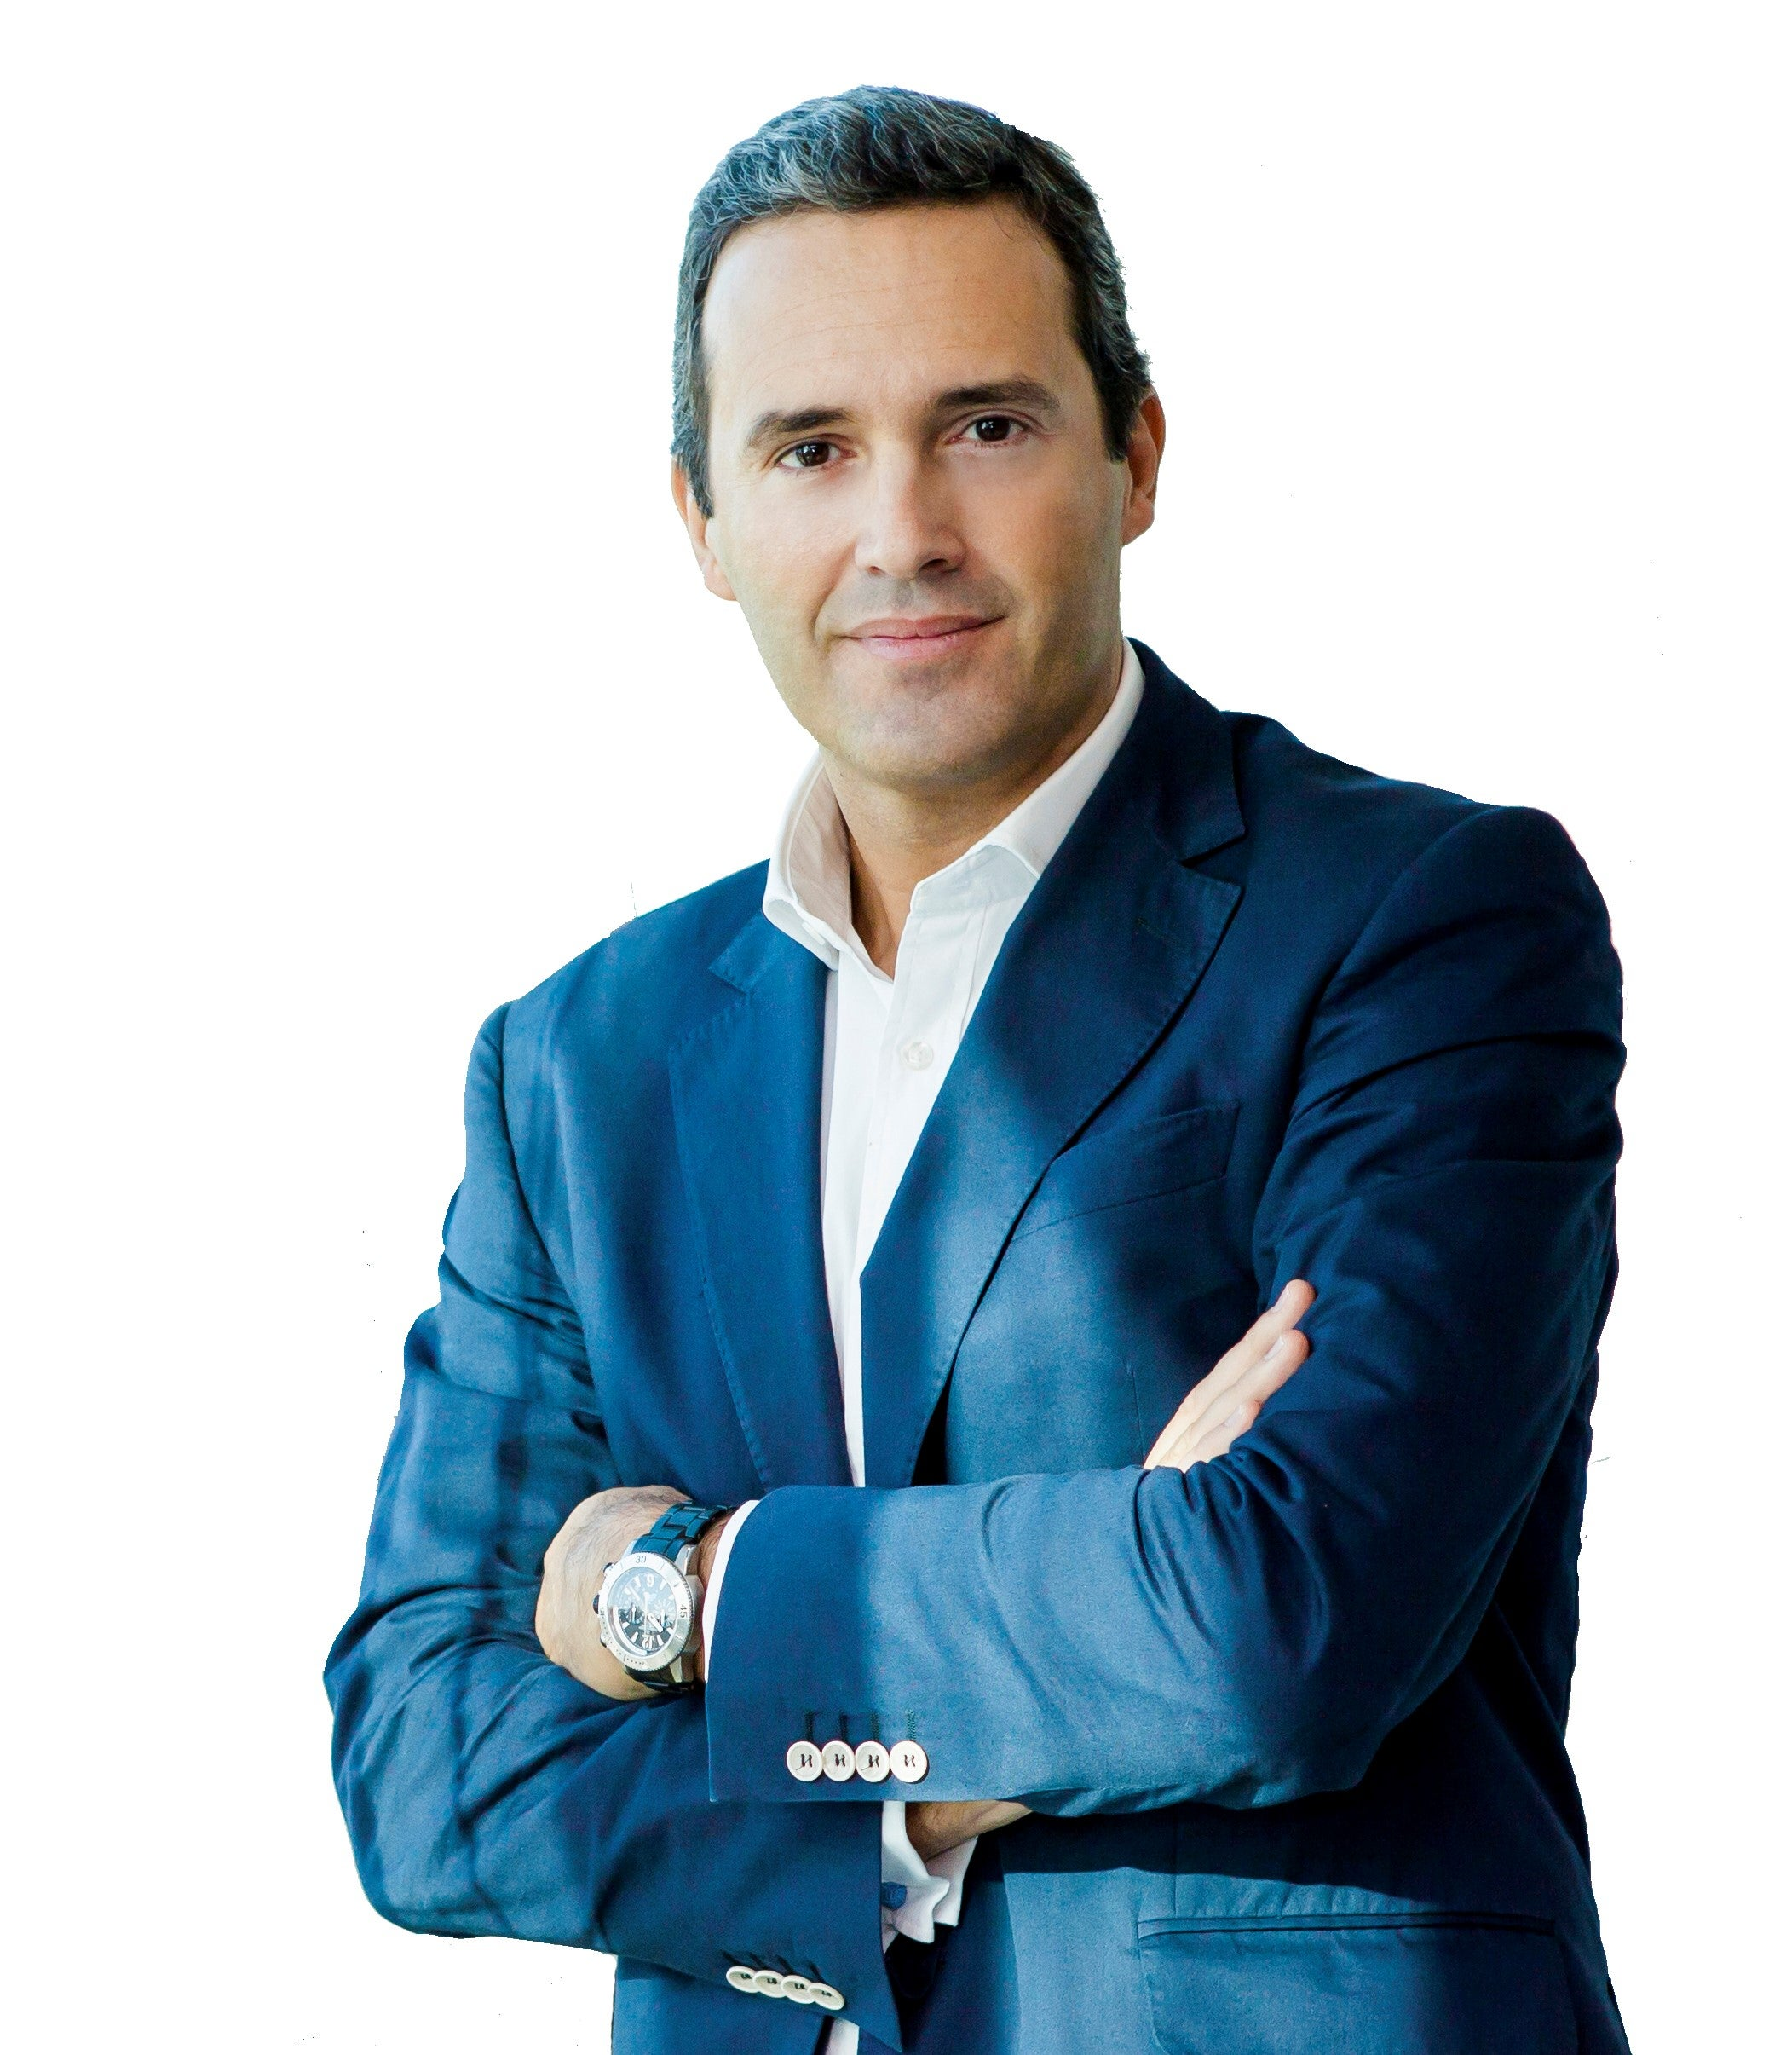 André Andrade, Chief Executive Officer, Dentsu Aegis Network Iberia & África Subsahariana